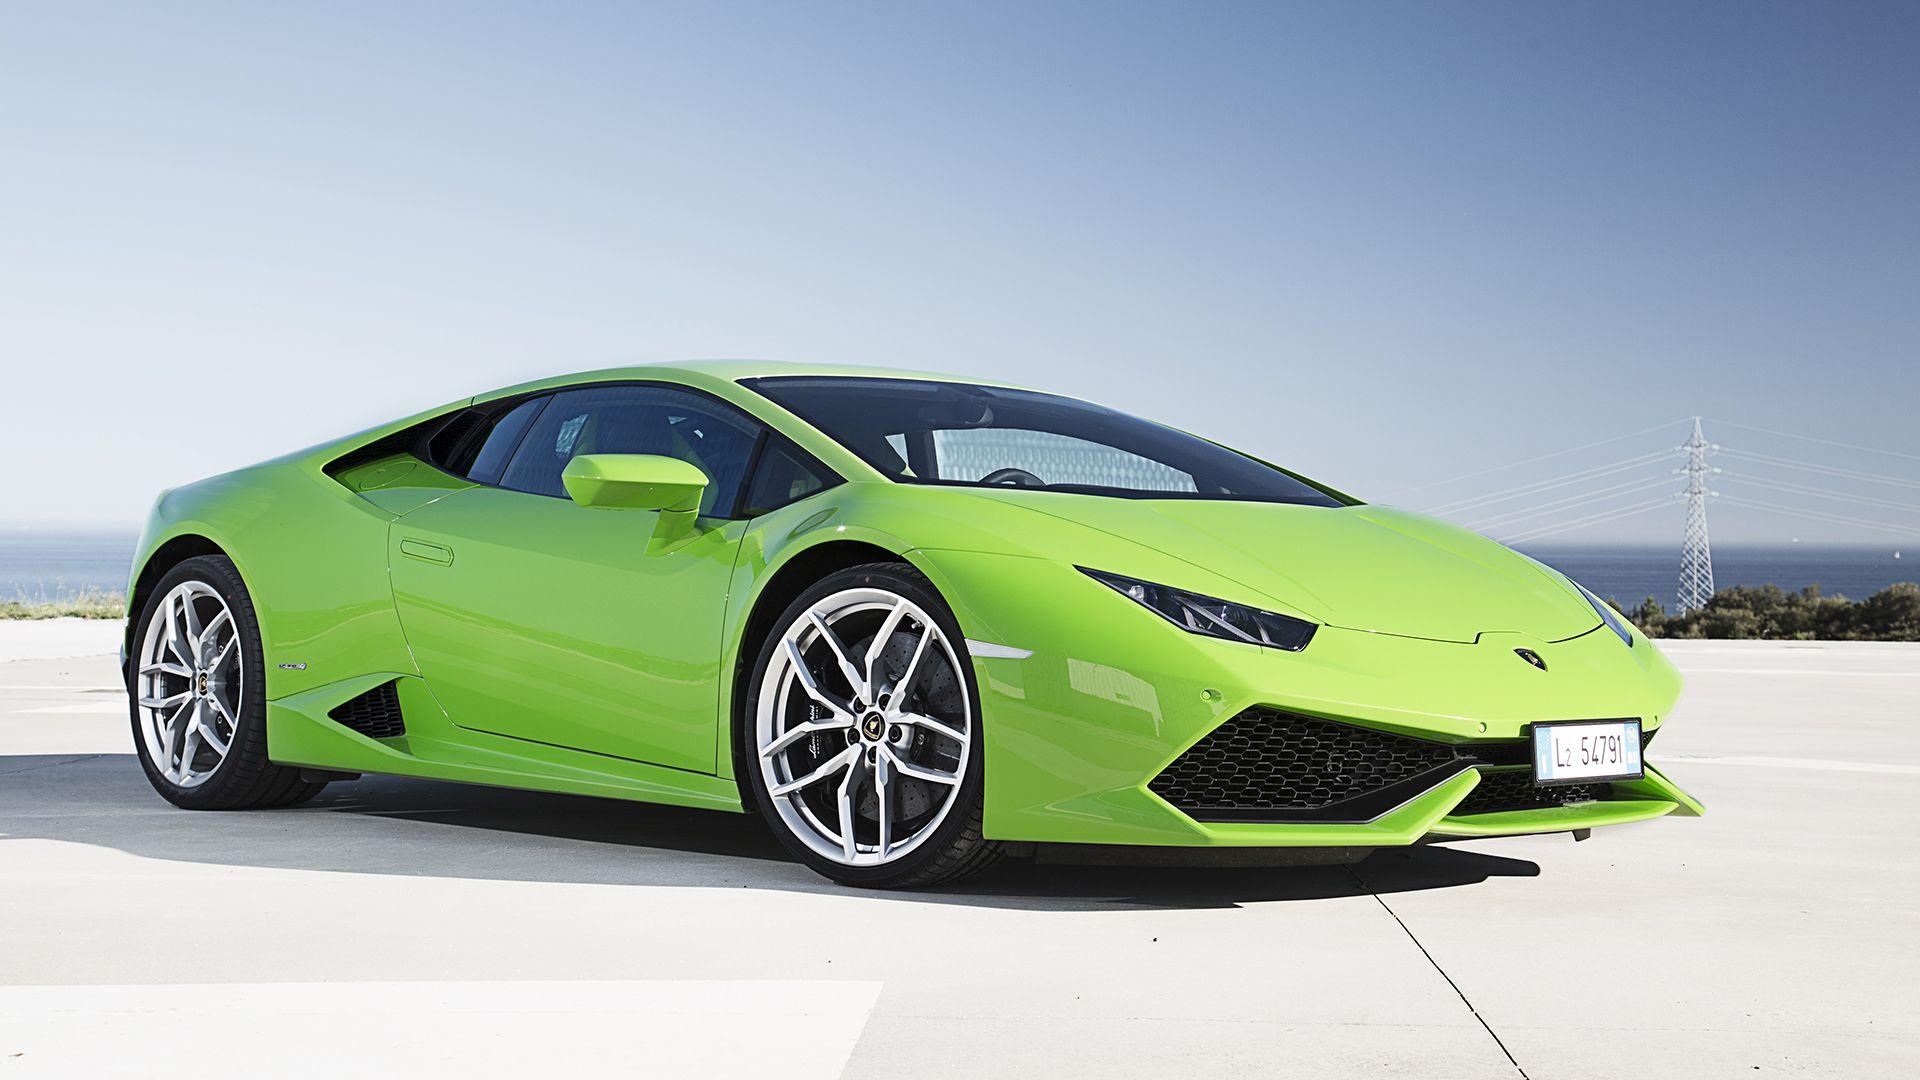 b1a9ff4dbe14e27b5318711e78a9b08a Exciting Lamborghini Huracán Lp 610-4 Cena Cars Trend